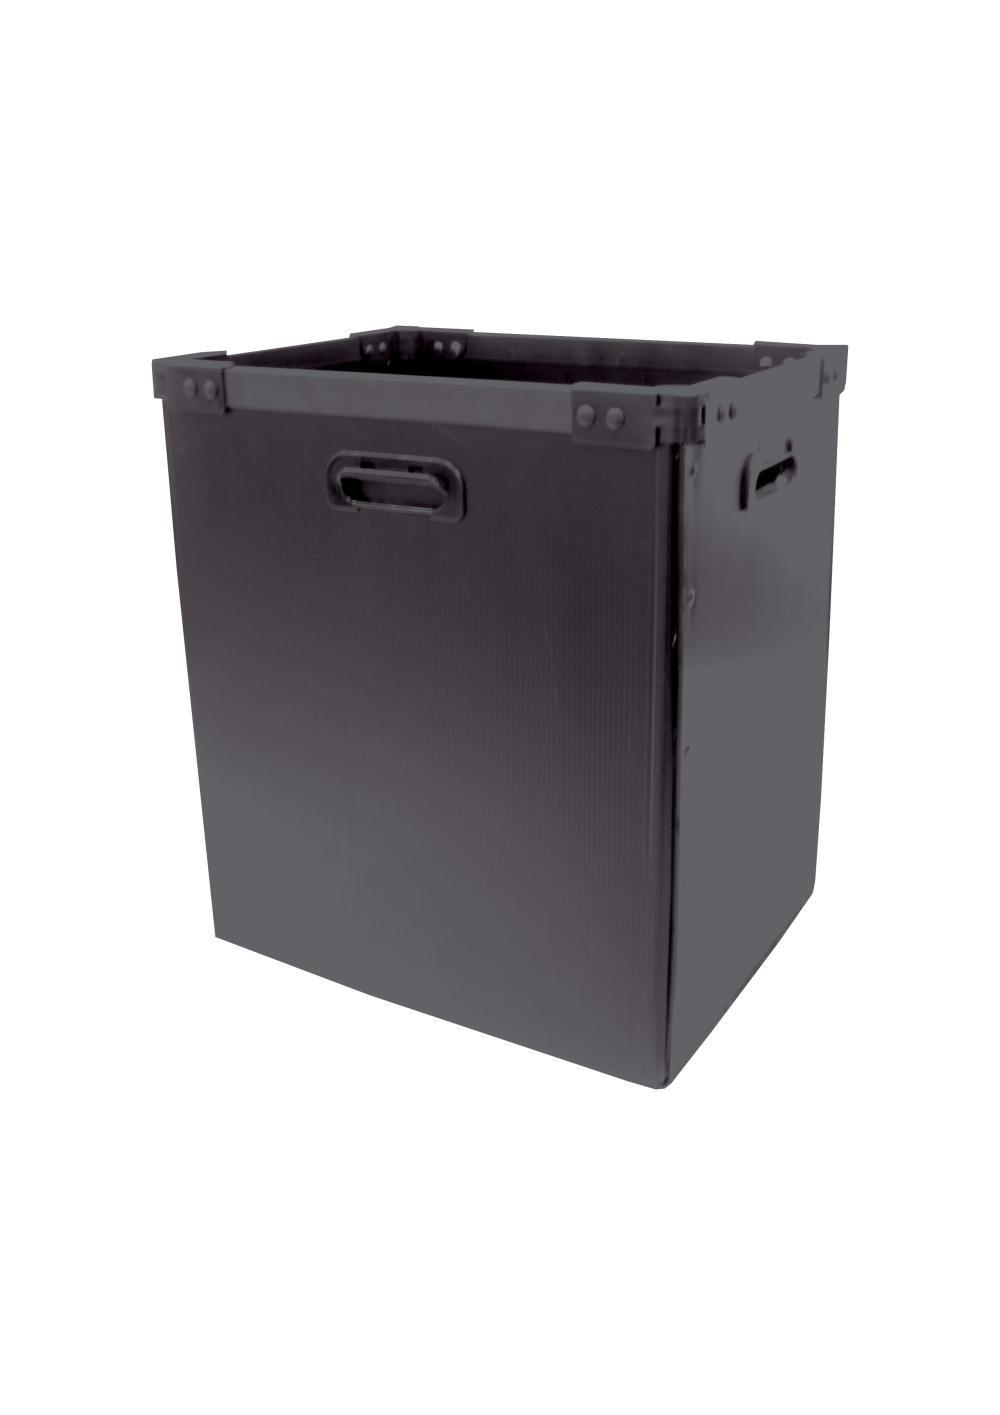 Rexel Papelera de destructora interna de 33 l - Accesorio de papelería (1 pieza(s)): Amazon.es: Oficina y papelería